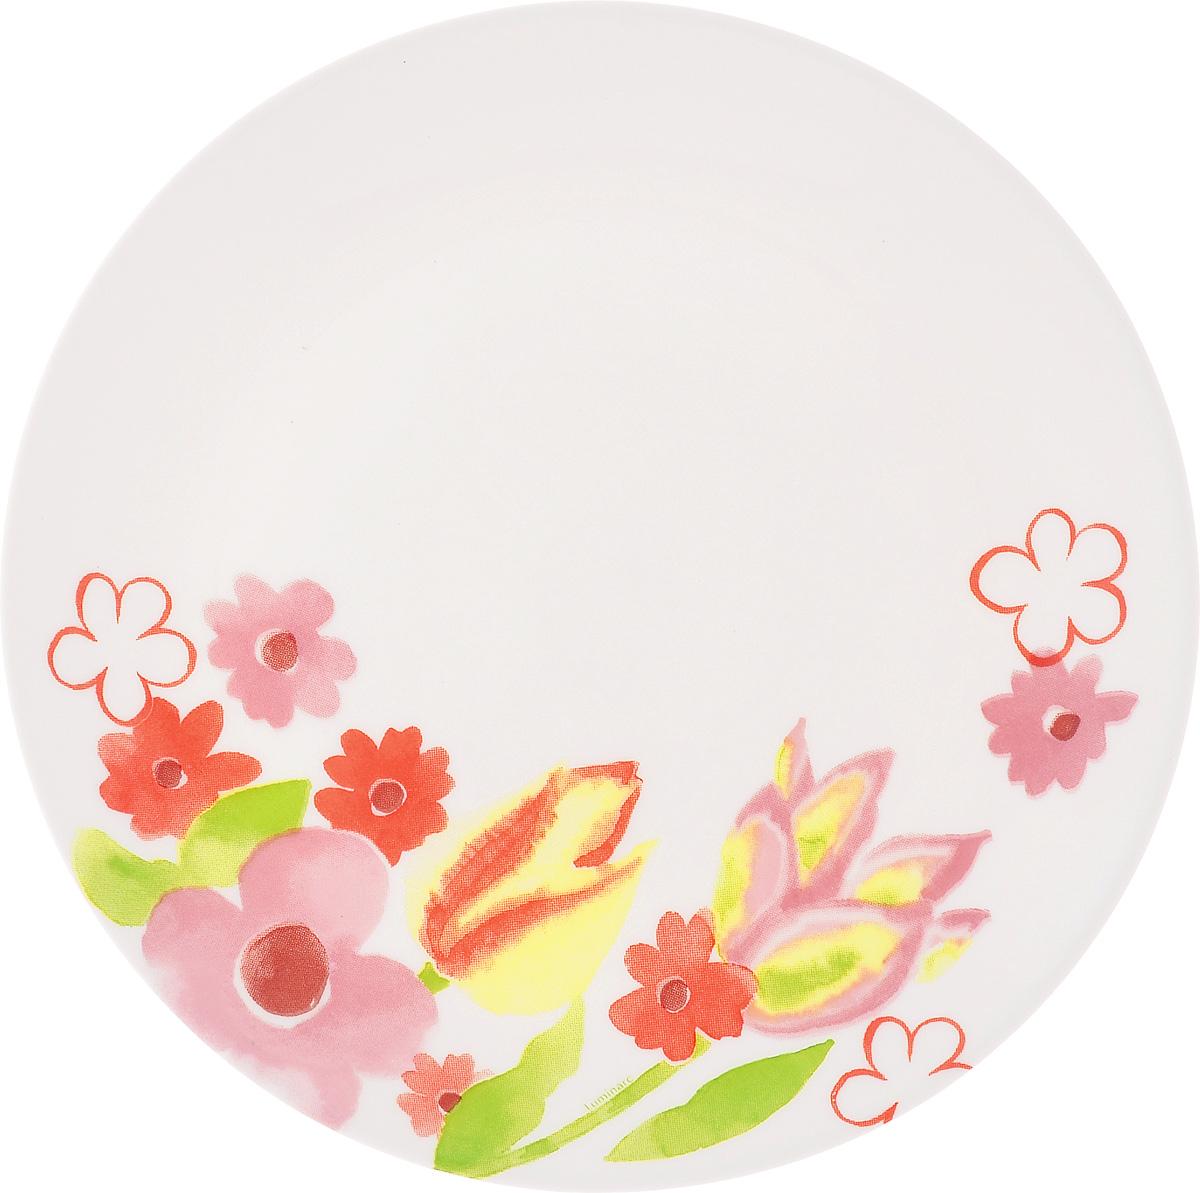 Тарелка десертная Luminarc Dacha, 19 смH8669Десертная тарелка Luminarc Dacha, изготовленная из ударопрочного стекла, имеет изысканный внешний вид. Такая тарелка прекрасно подходит как для торжественных случаев, так и для повседневного использования. Идеальна для подачи десертов, пирожных, тортов и многого другого. Она прекрасно оформит стол и станет отличным дополнением к вашей коллекции кухонной посуды. Диаметр тарелки (по верхнему краю): 19 см.